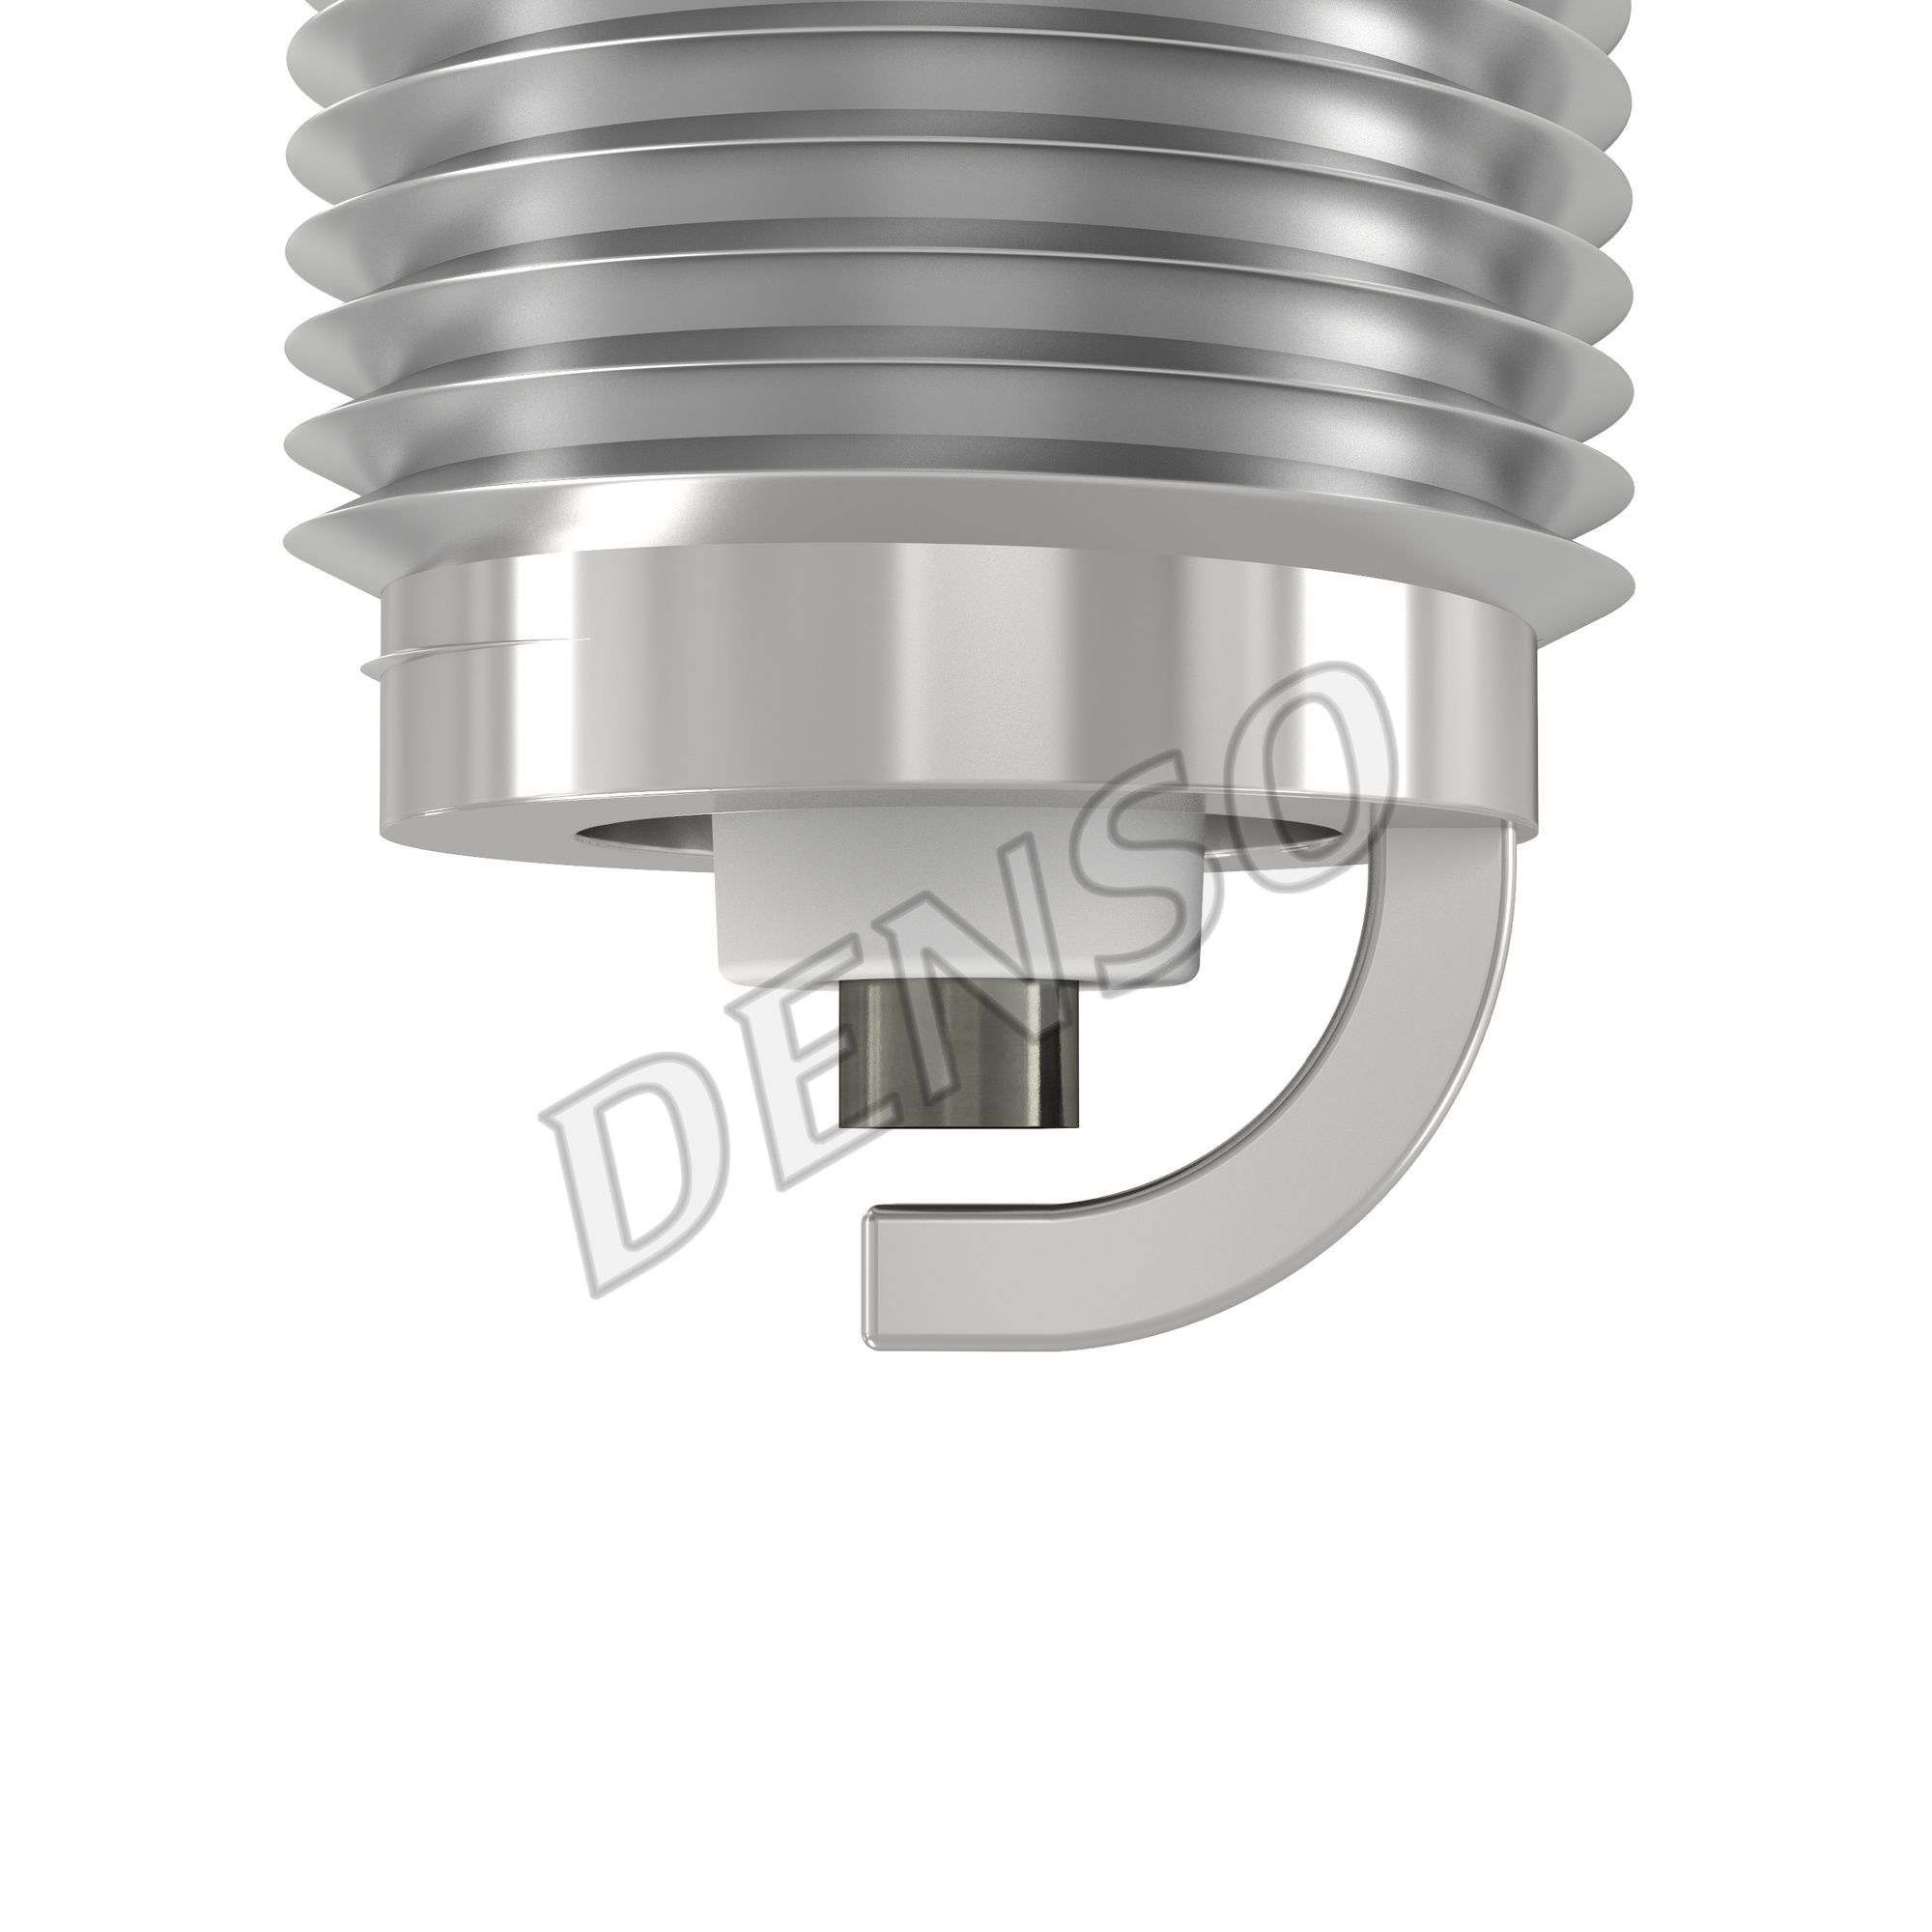 Запалителна свещ W20EPR-U за OPEL KADETT на ниска цена — купете сега!